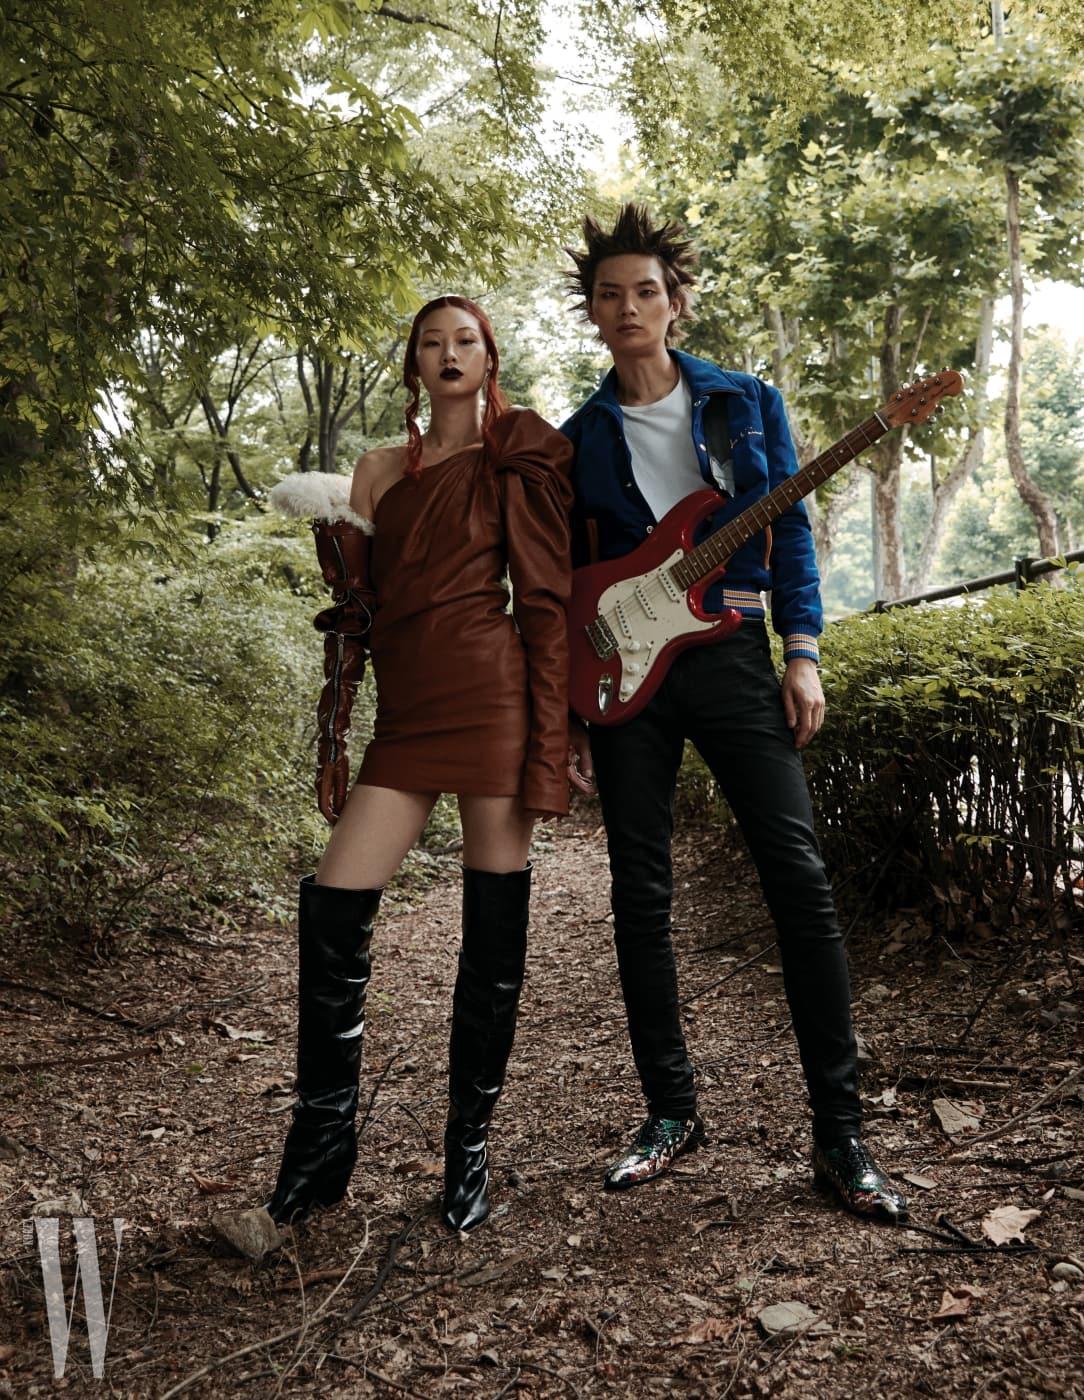 정호연이 입은 가죽 드레스, 부츠는 Saint Laurent by Anthony Vaccarello 제품. 송준호가 입은 재킷, 티셔츠, 팬츠, 슈즈는 모두 Saint Laurent by Anthony Vaccarello 제품.